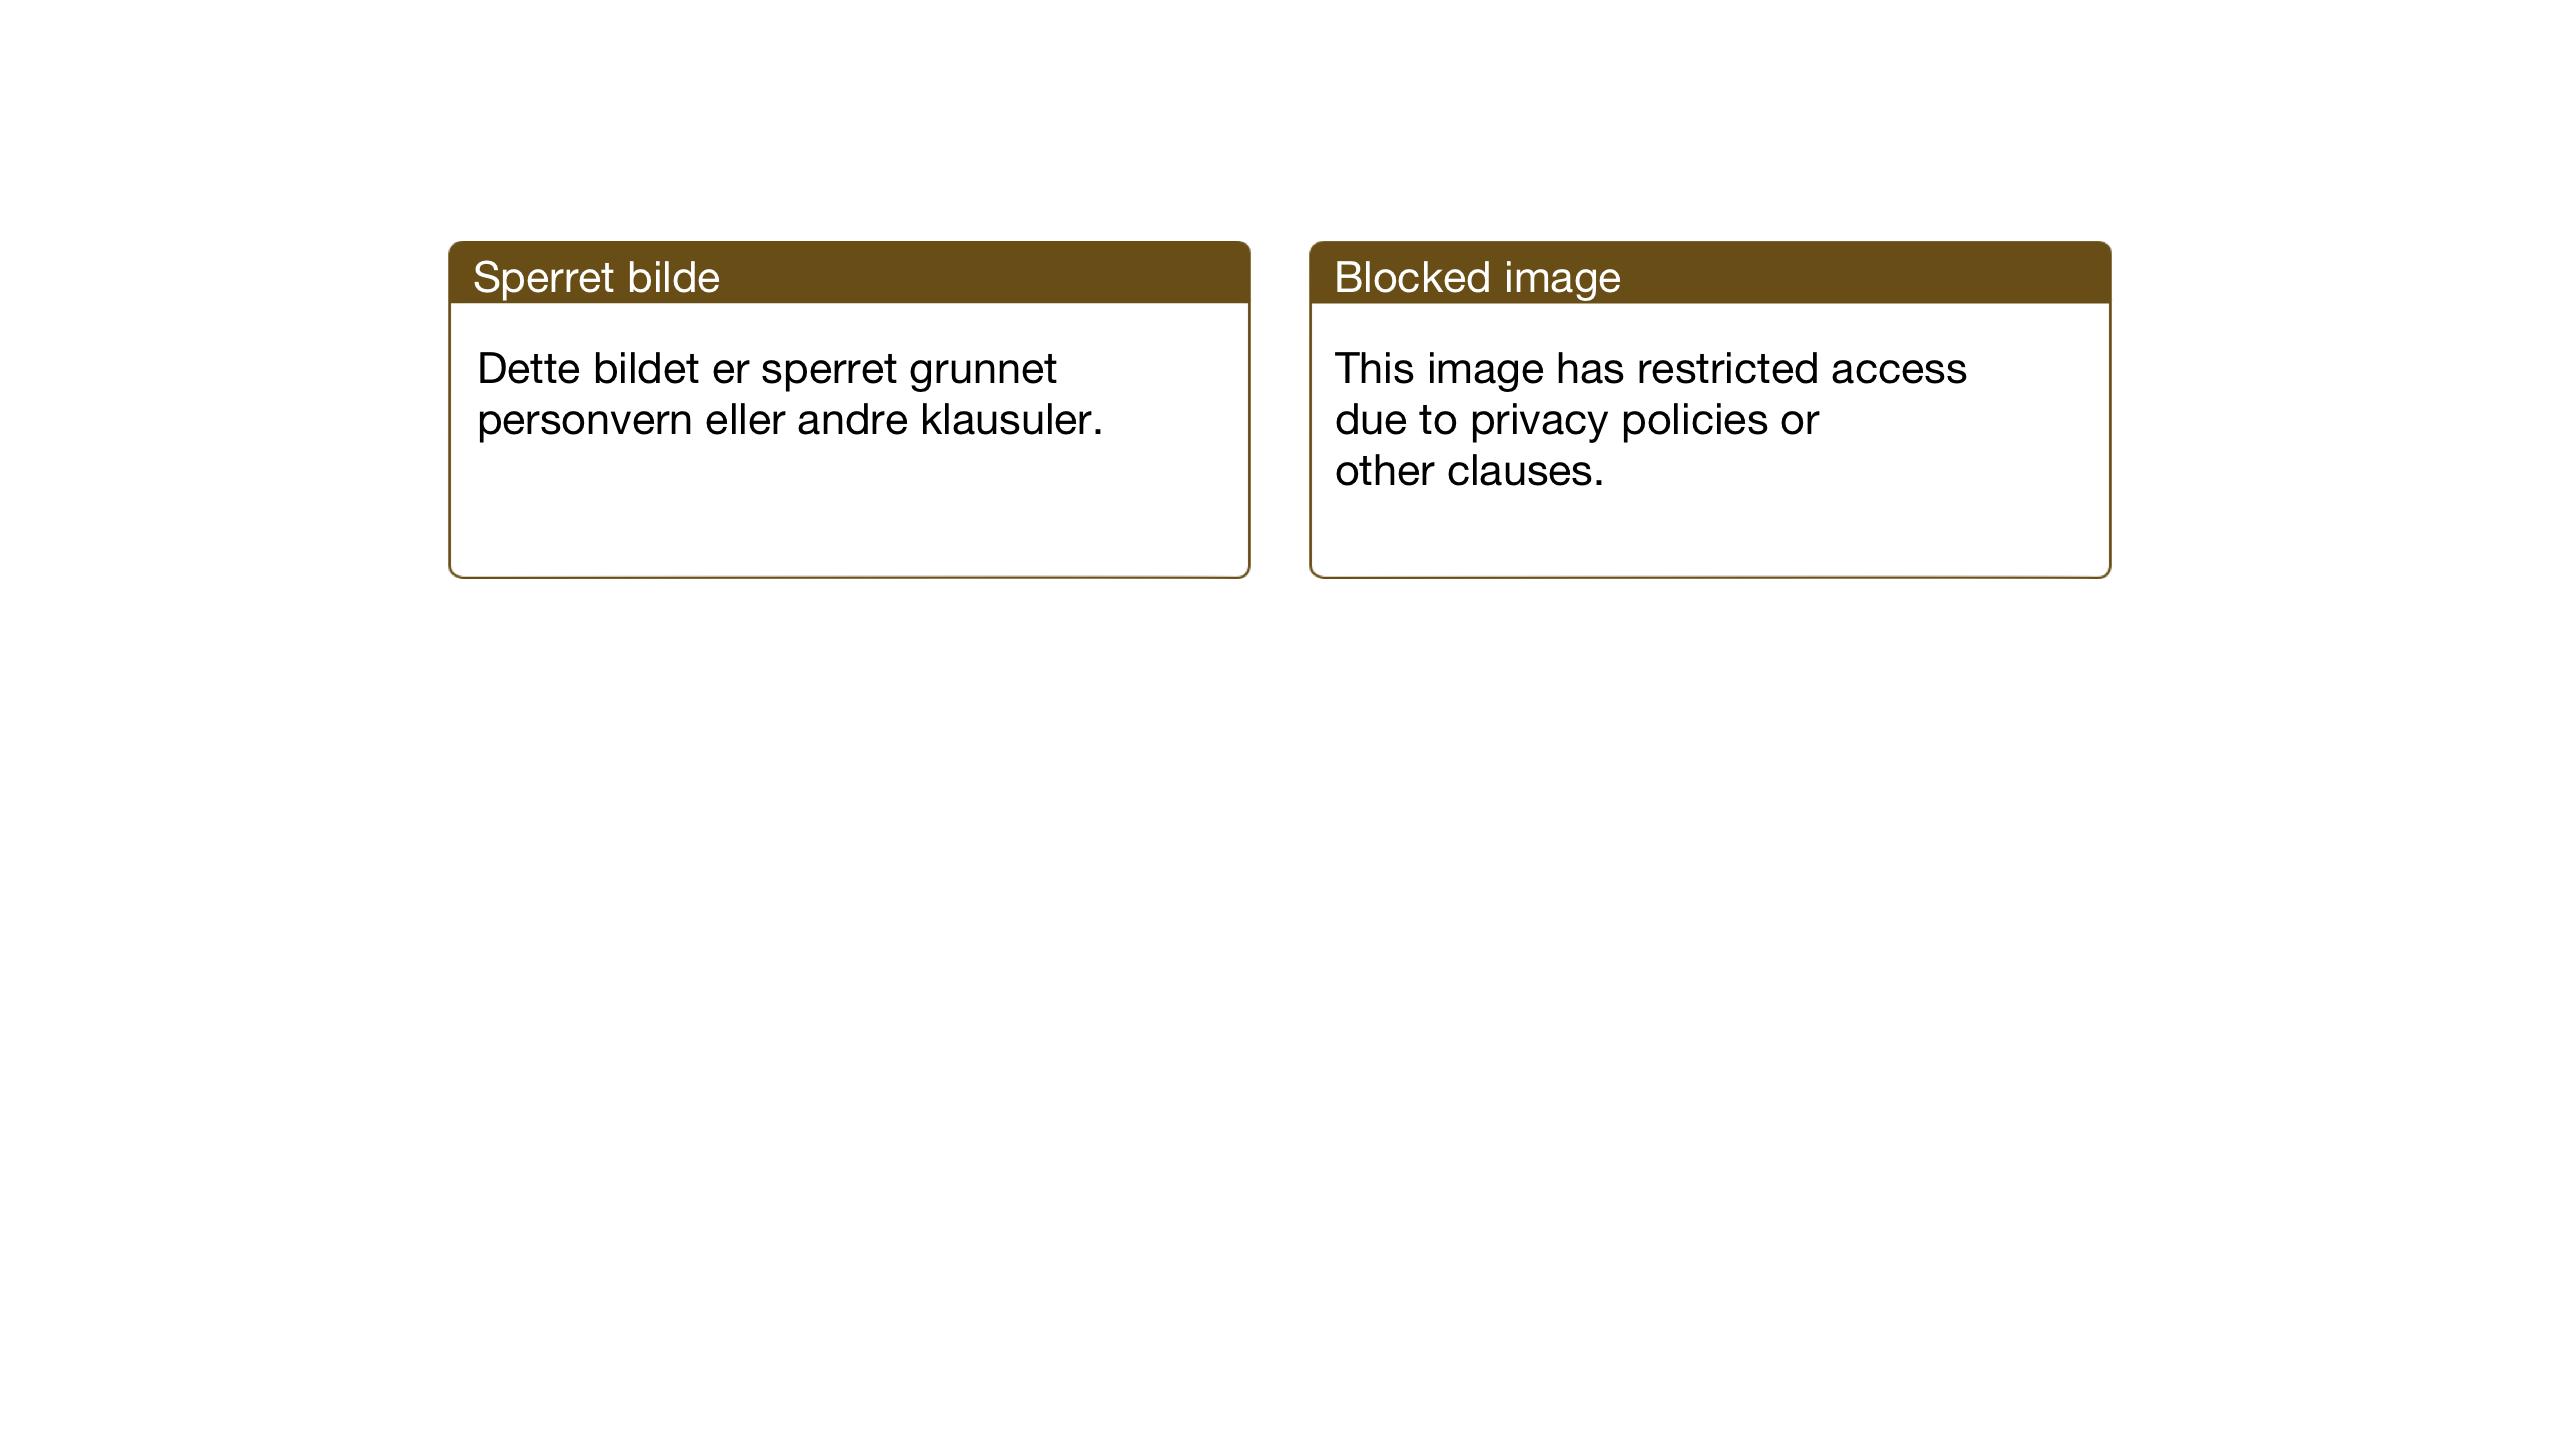 SAT, Ministerialprotokoller, klokkerbøker og fødselsregistre - Sør-Trøndelag, 633/L0521: Klokkerbok nr. 633C03, 1921-1941, s. 104